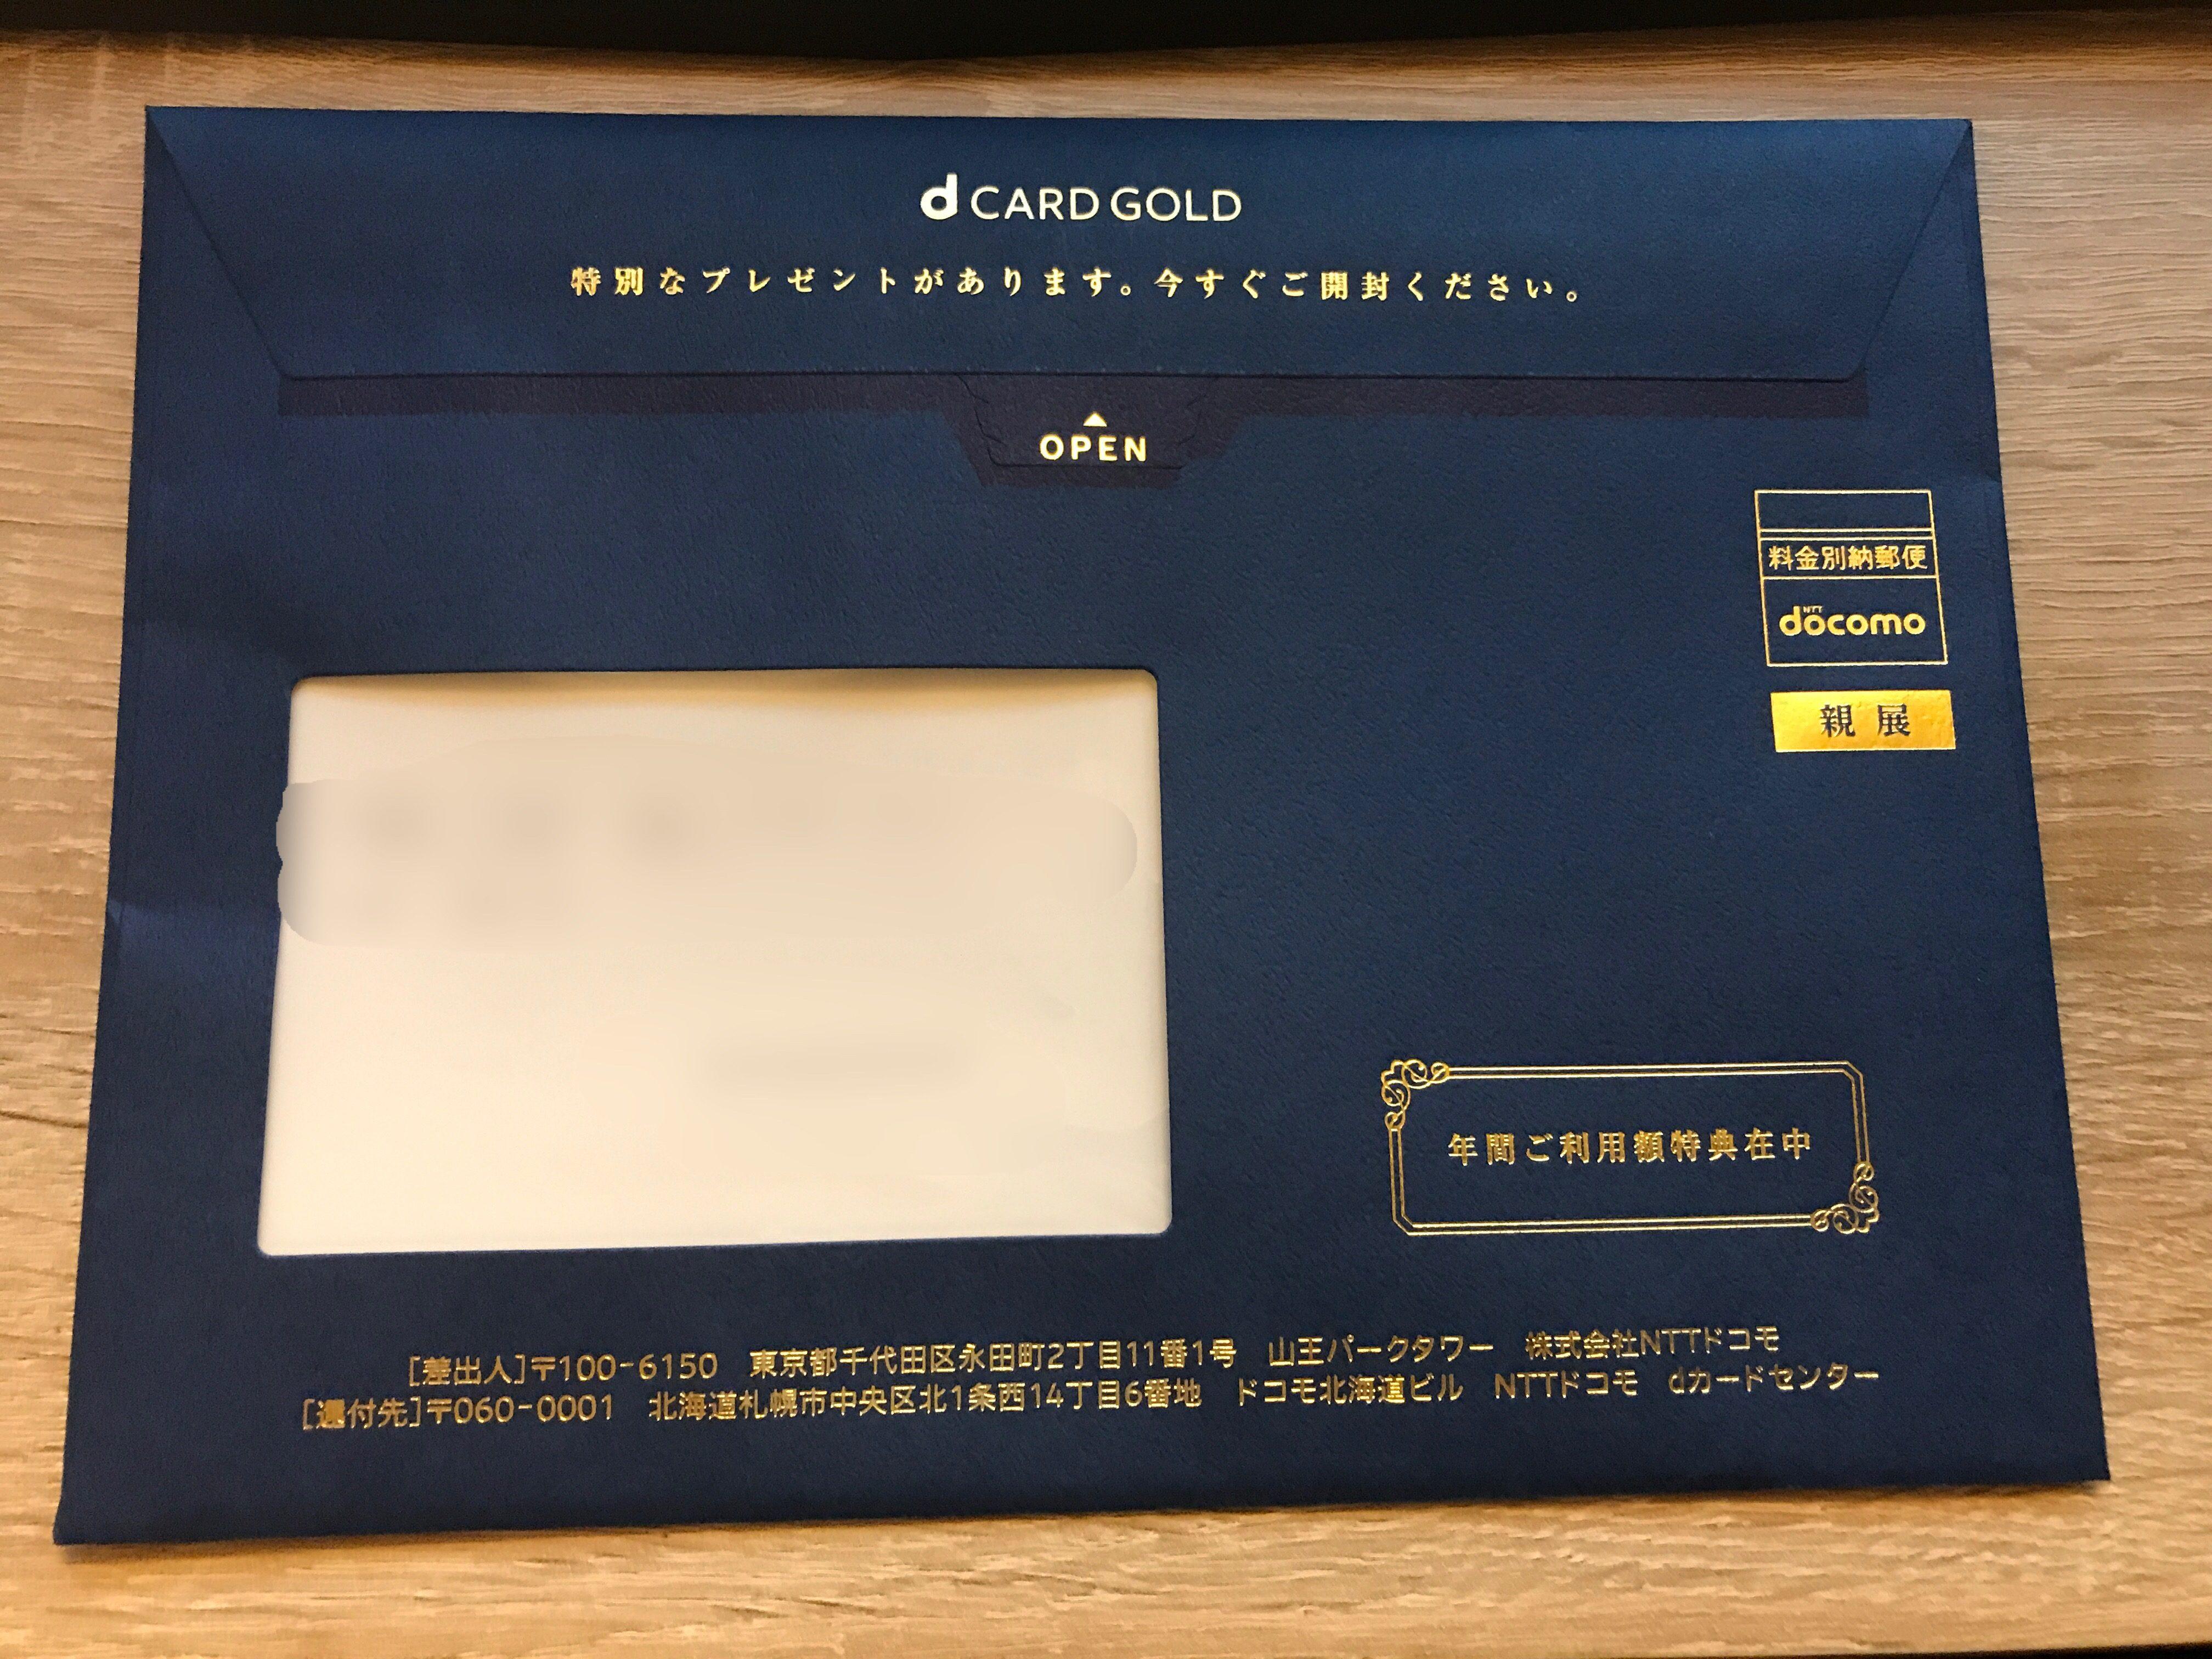 dカードGOLDのSpecial Thanksクーポンが届いた!年200万円以上で21600円相当の選べるクーポン(ケータイ購入クーポン含め)が貰える!